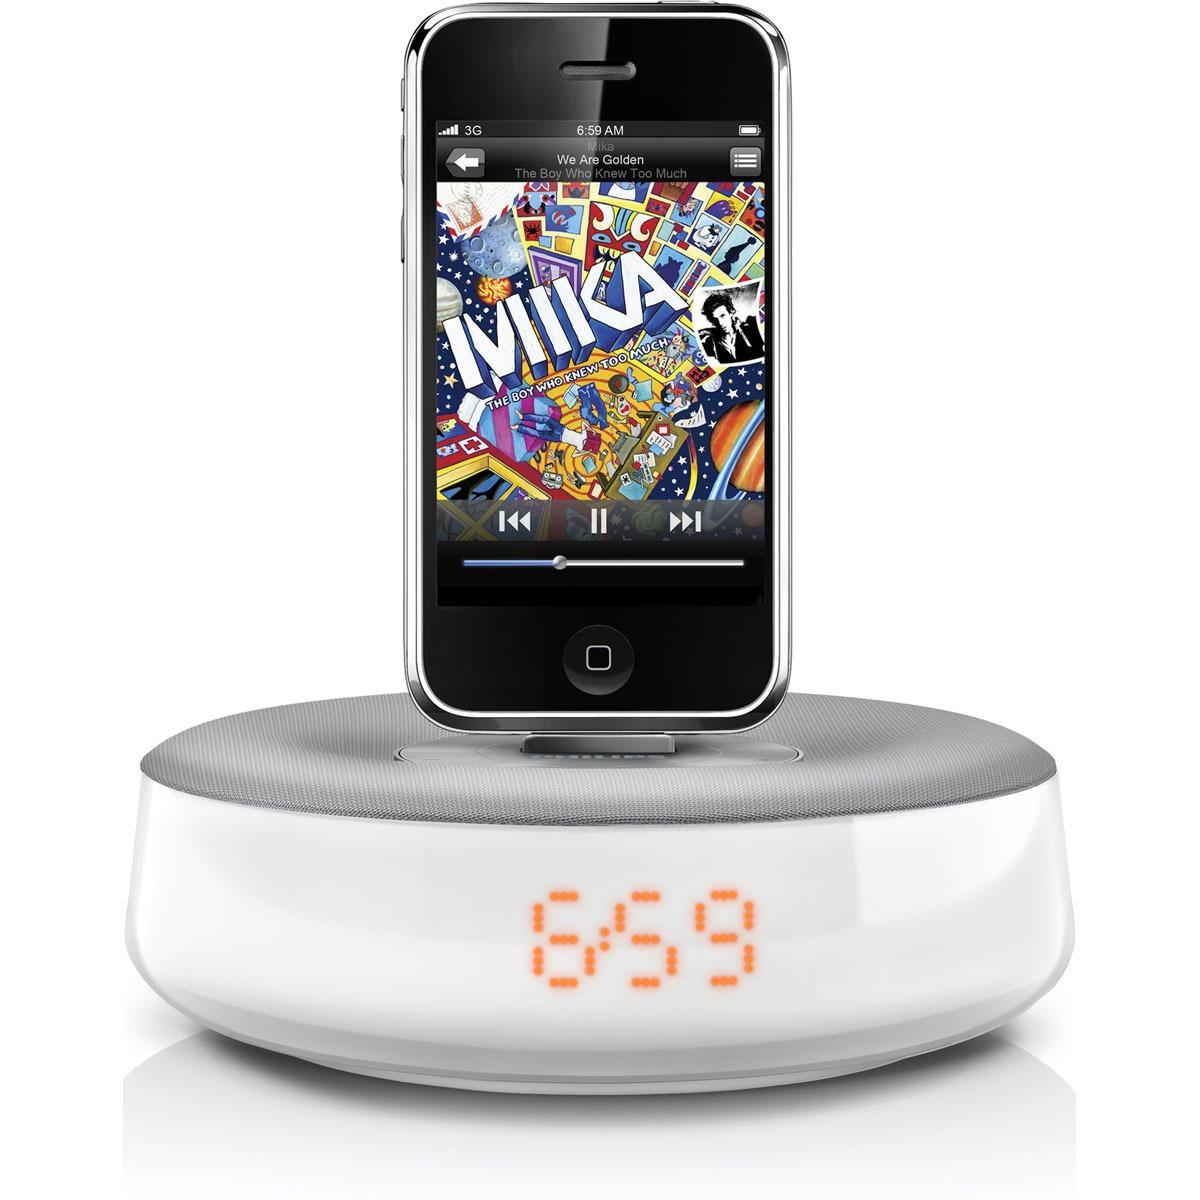 Radio & radio réveil Philips DS1100 Philips DS1100 - Radio réveil pour iPod/iPhone avec Port USB